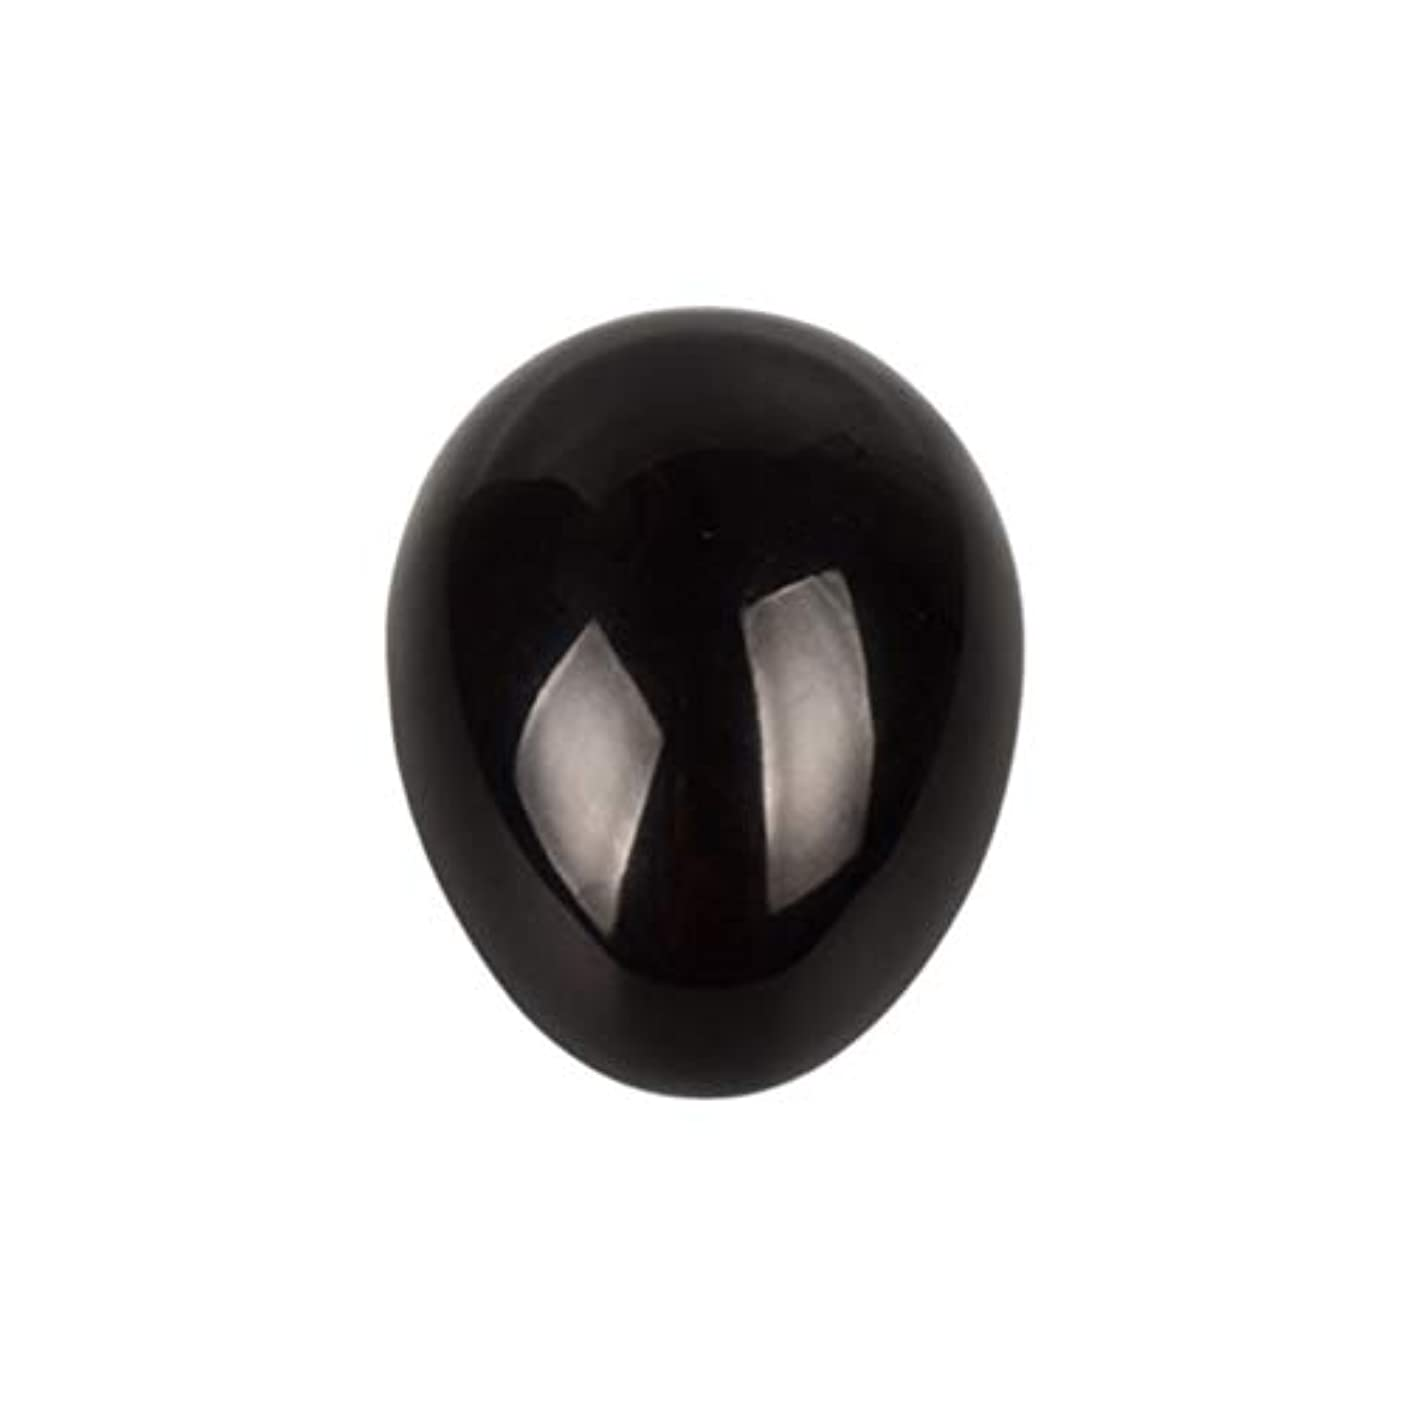 投票理論反逆者SUPVOX 45×30×30ミリメートルのバランスをとる瞑想チャクラを癒すための黒曜石宝石用原石の卵球